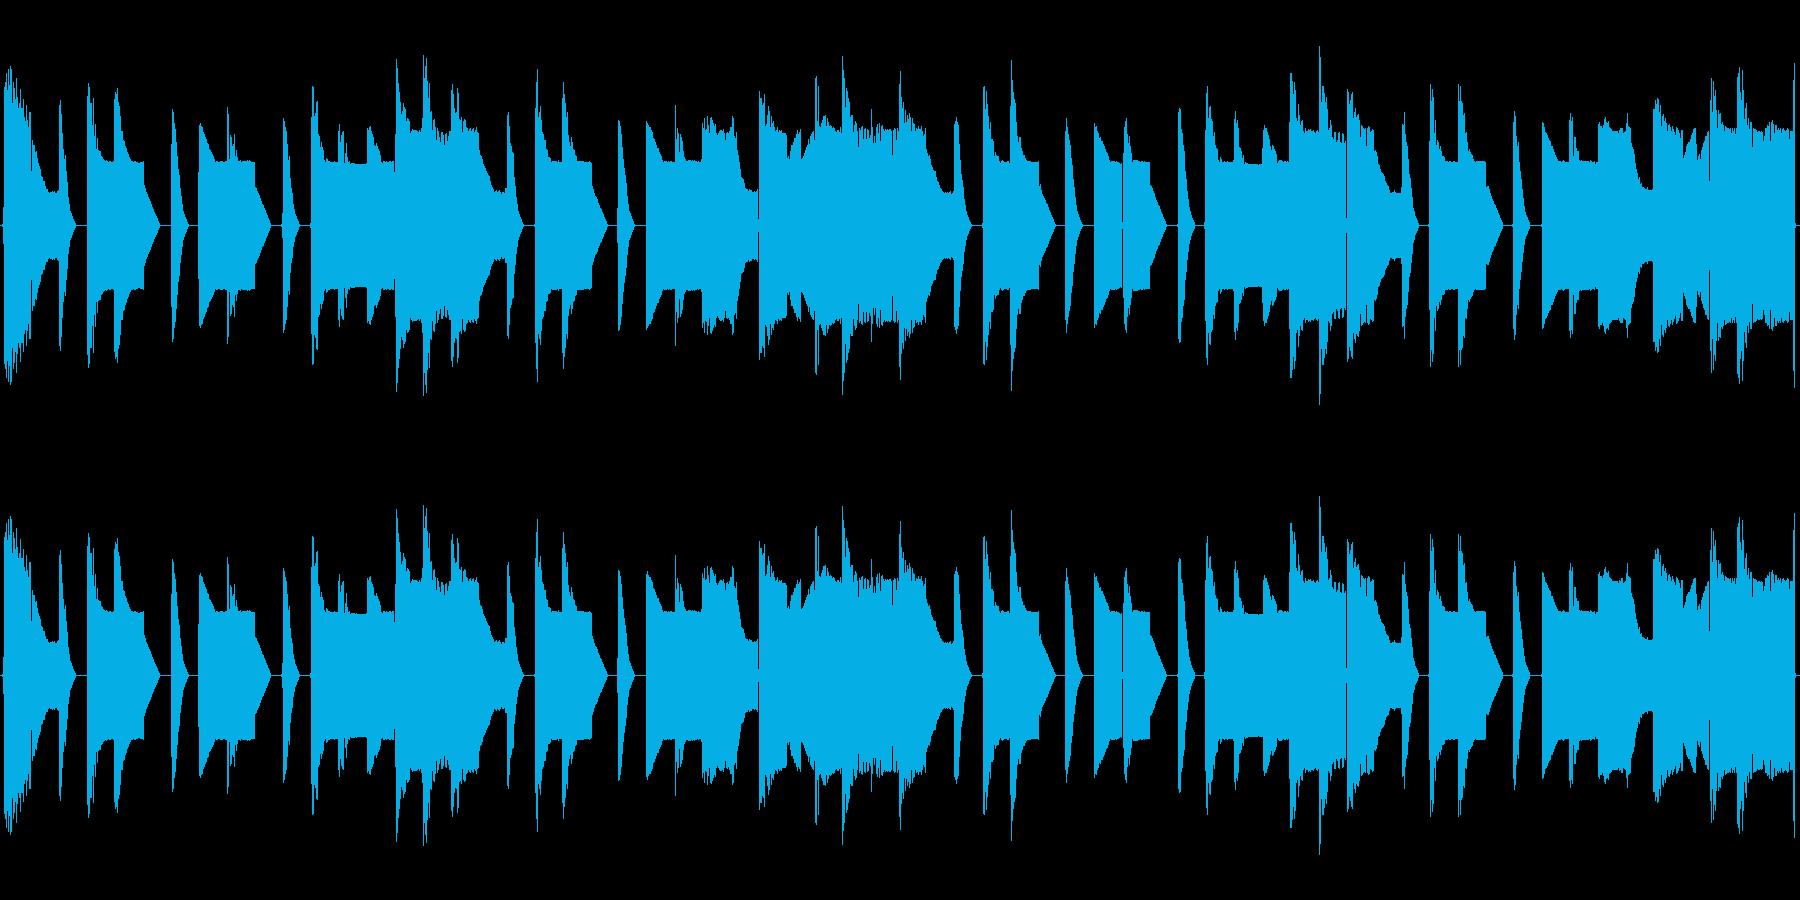 チップチューンの短いループ2の再生済みの波形